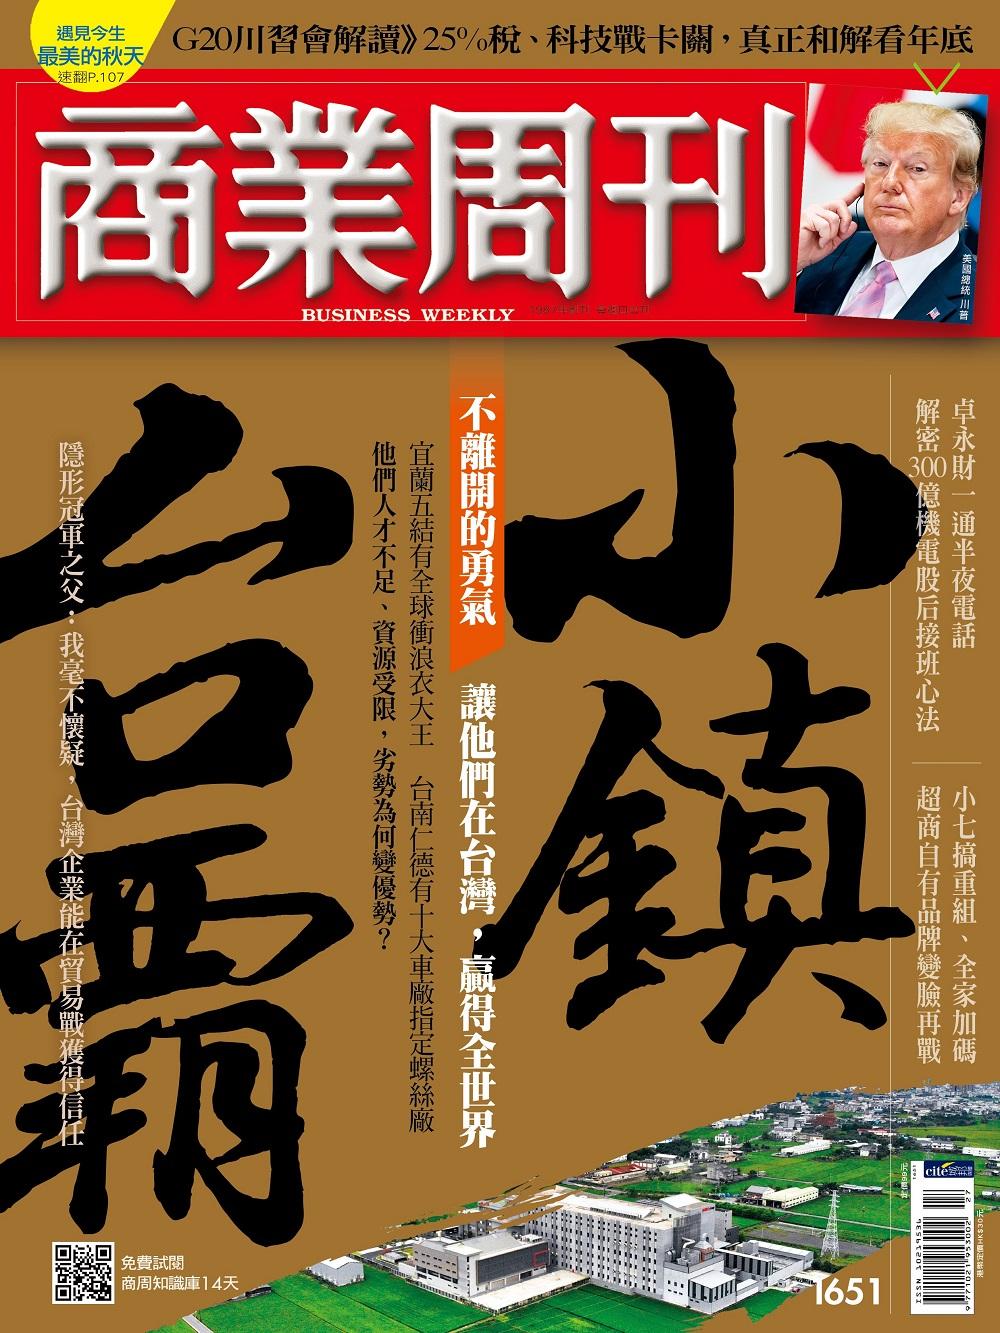 商業周刊 2019/7/4 第1651期